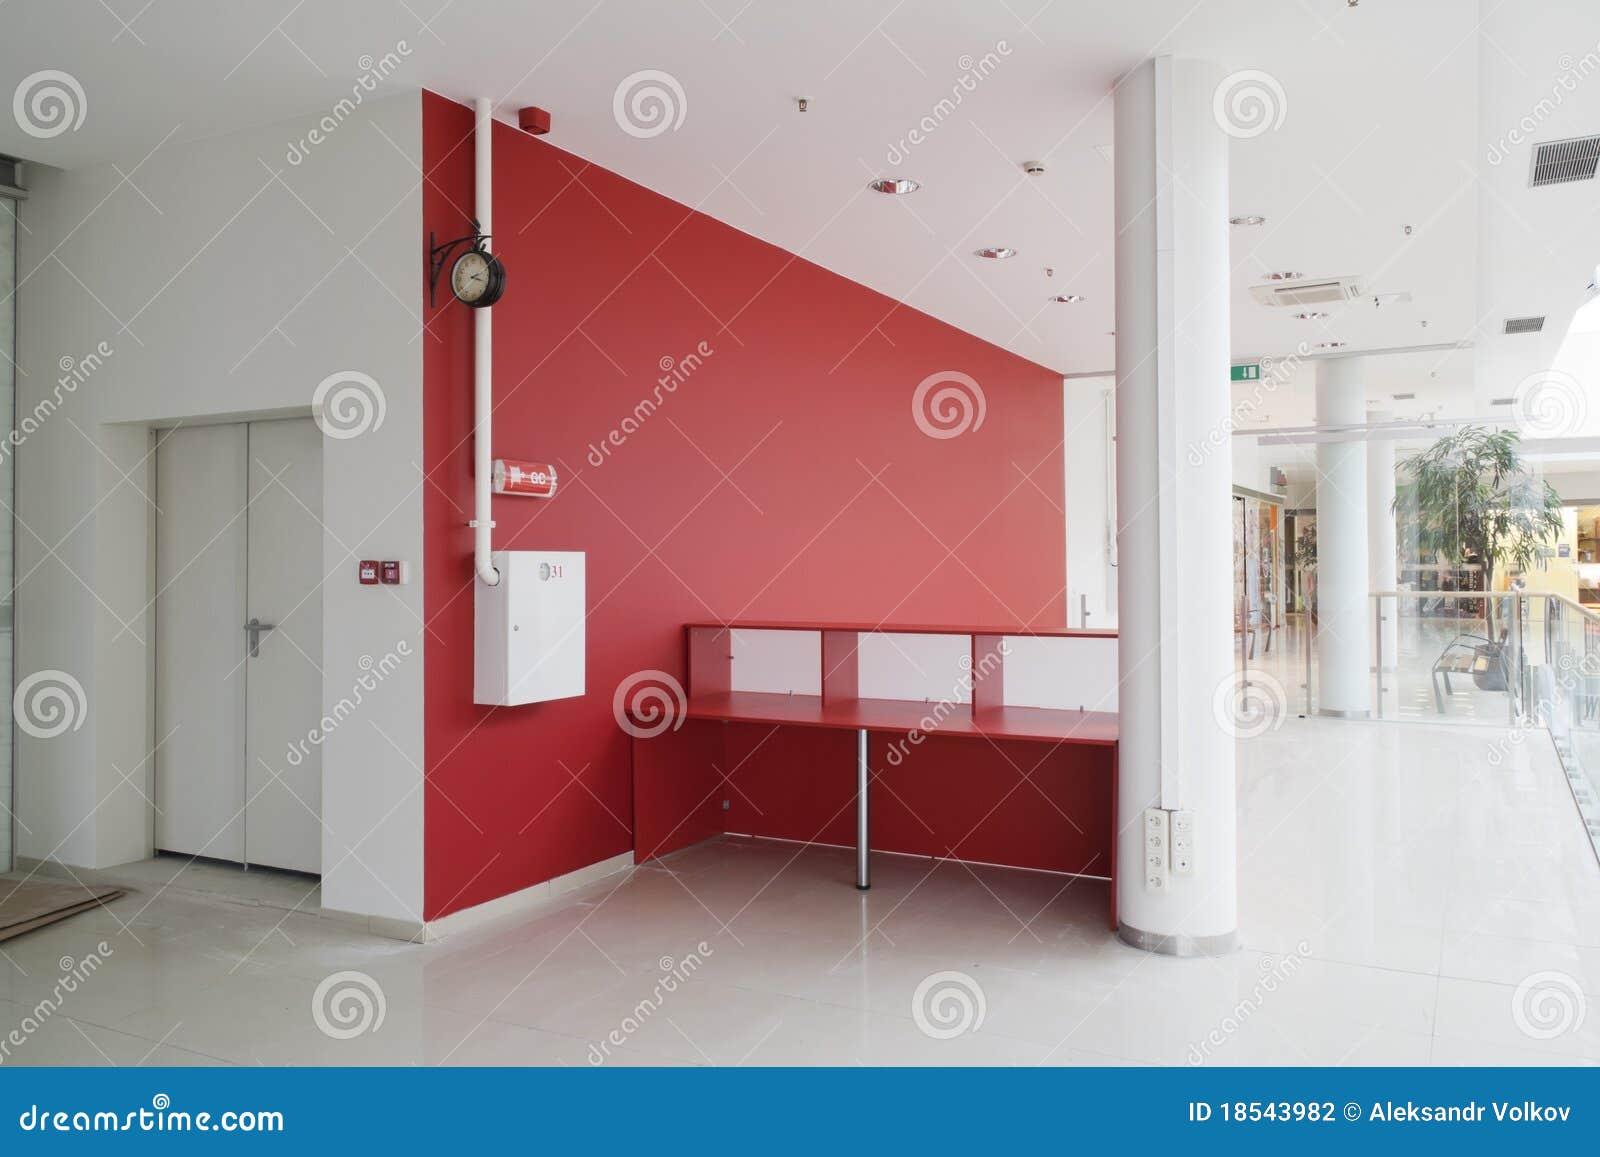 Colori Ufficio Moderno : Colori pareti ufficio moderno excellent image with colori pareti